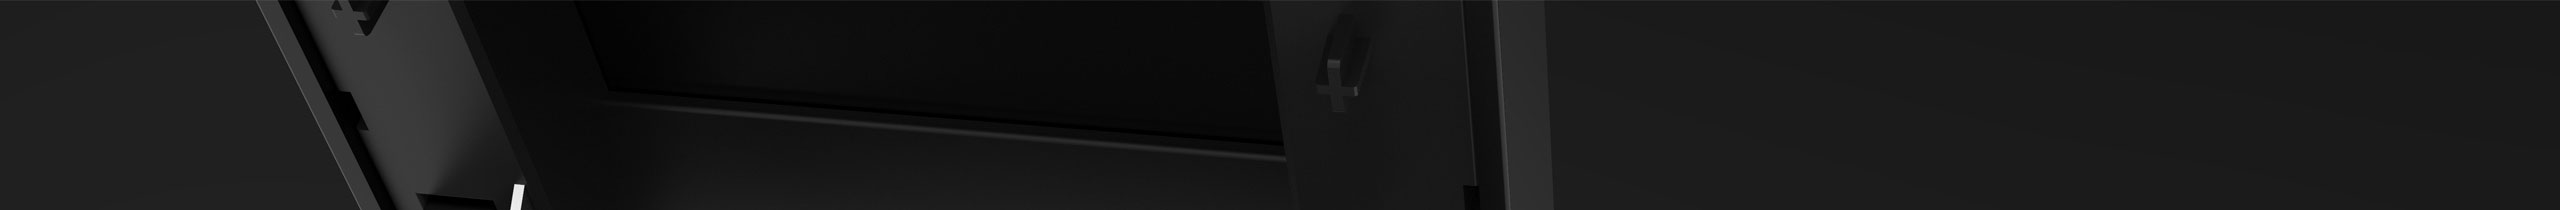 TP809热敏票据打印机,黑白两色可选  第31张